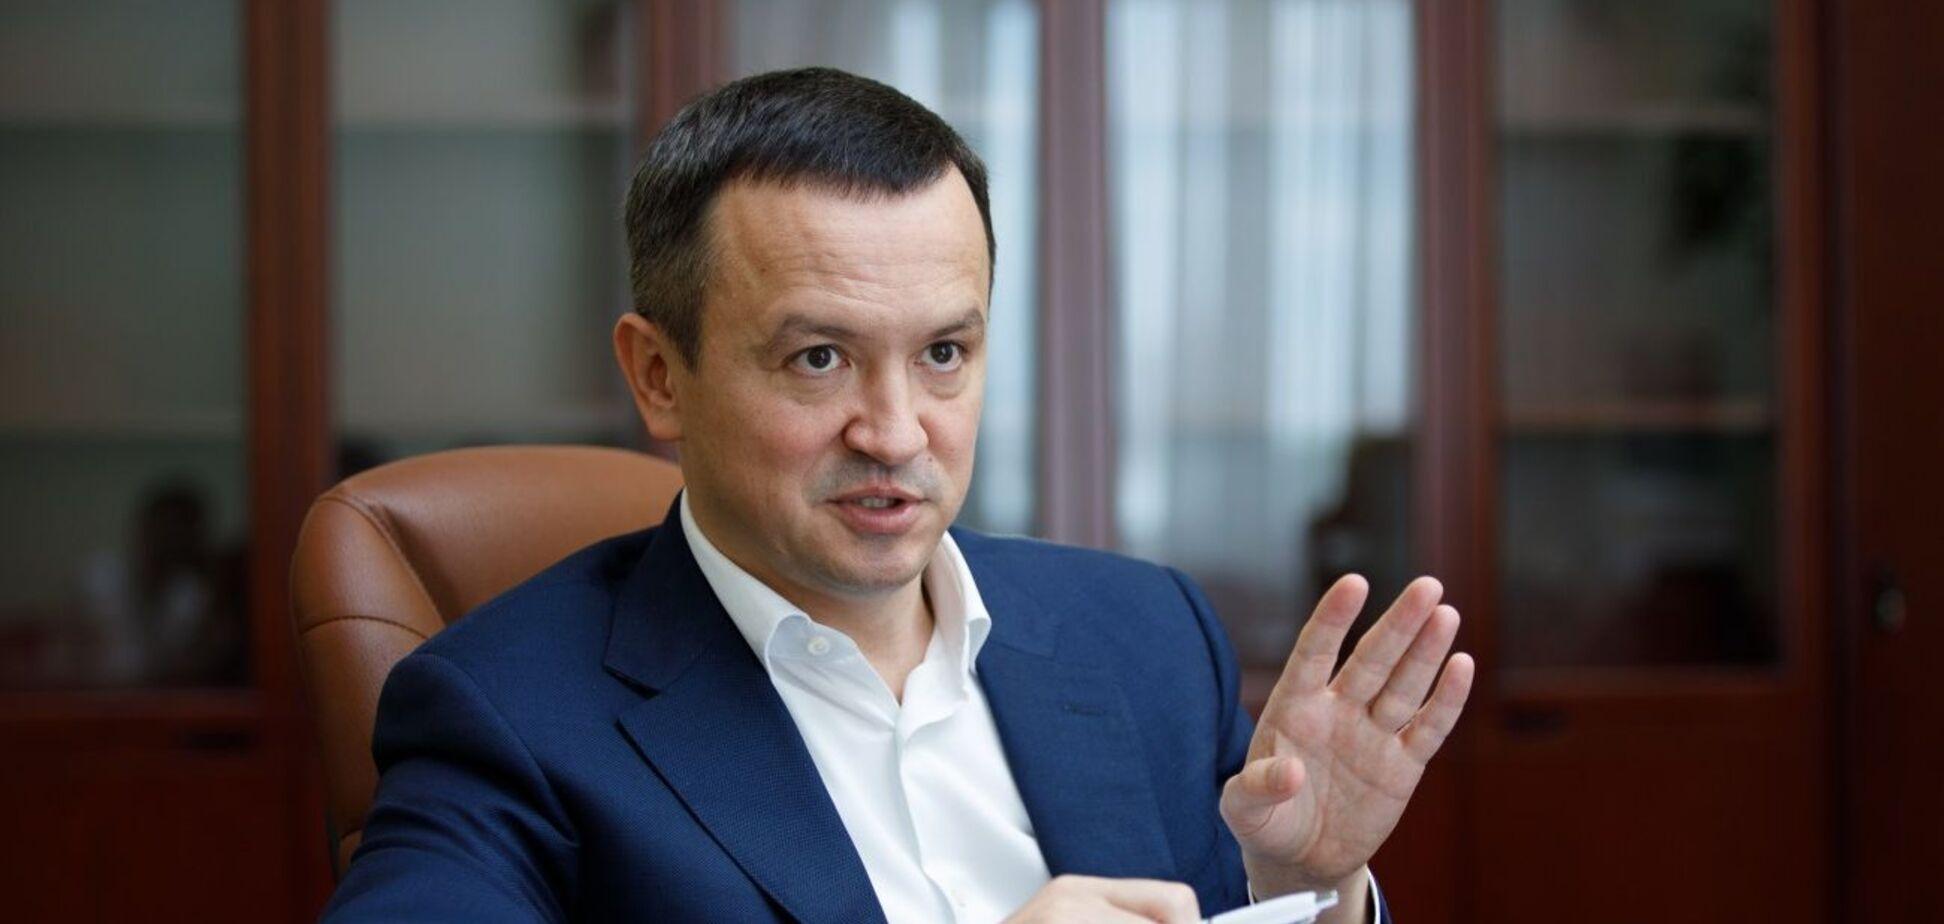 Игорь Петрашко заявил, что введение накопительной пенсионной системы не должно увеличить налоговую нагрузку на бизнес